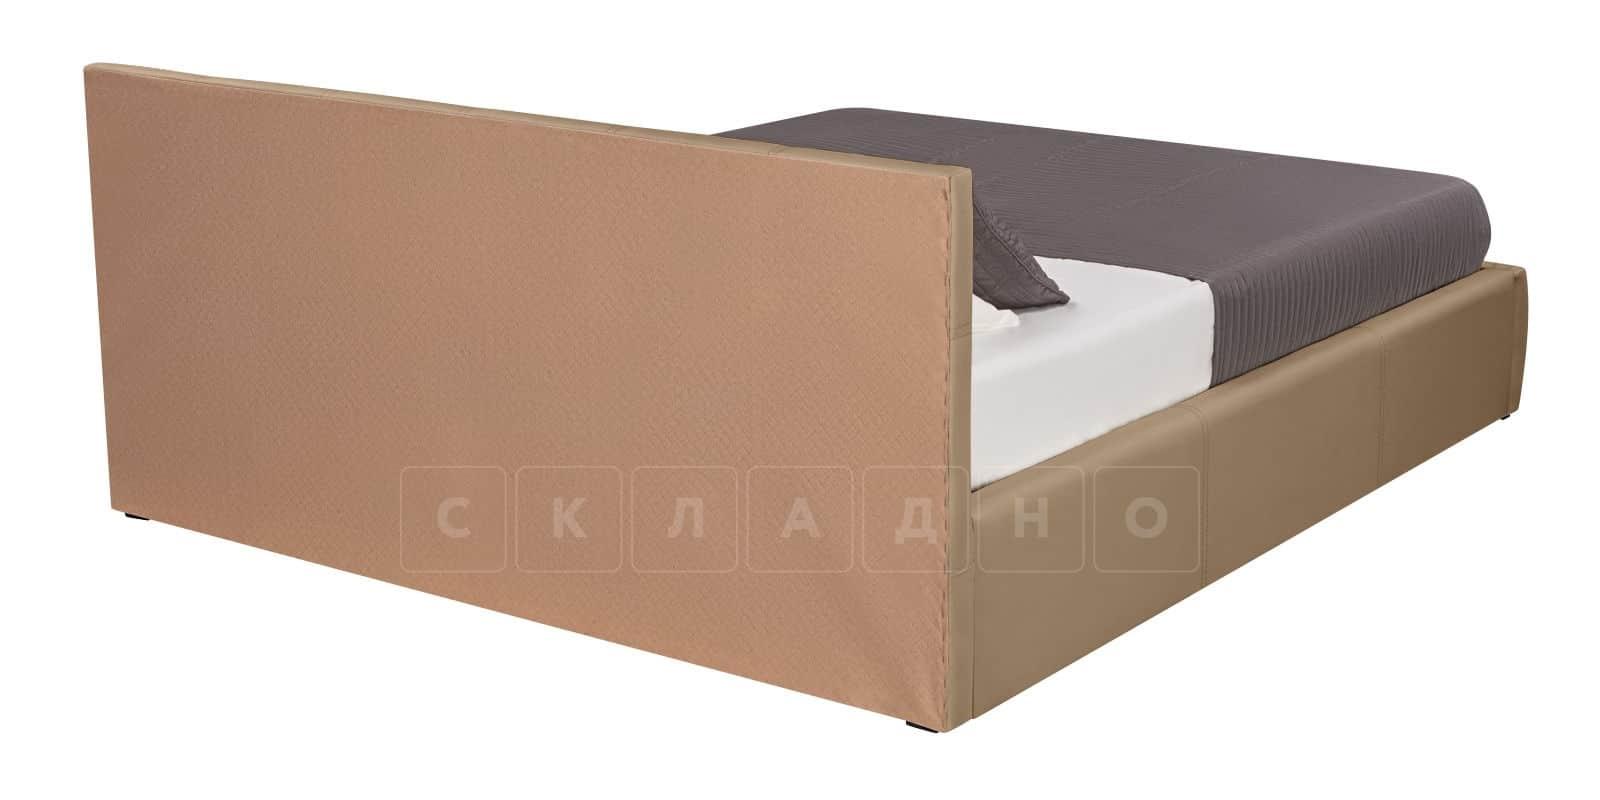 Мягкая кровать Афина 160см экокожа темно-бежевого цвета фото 4 | интернет-магазин Складно